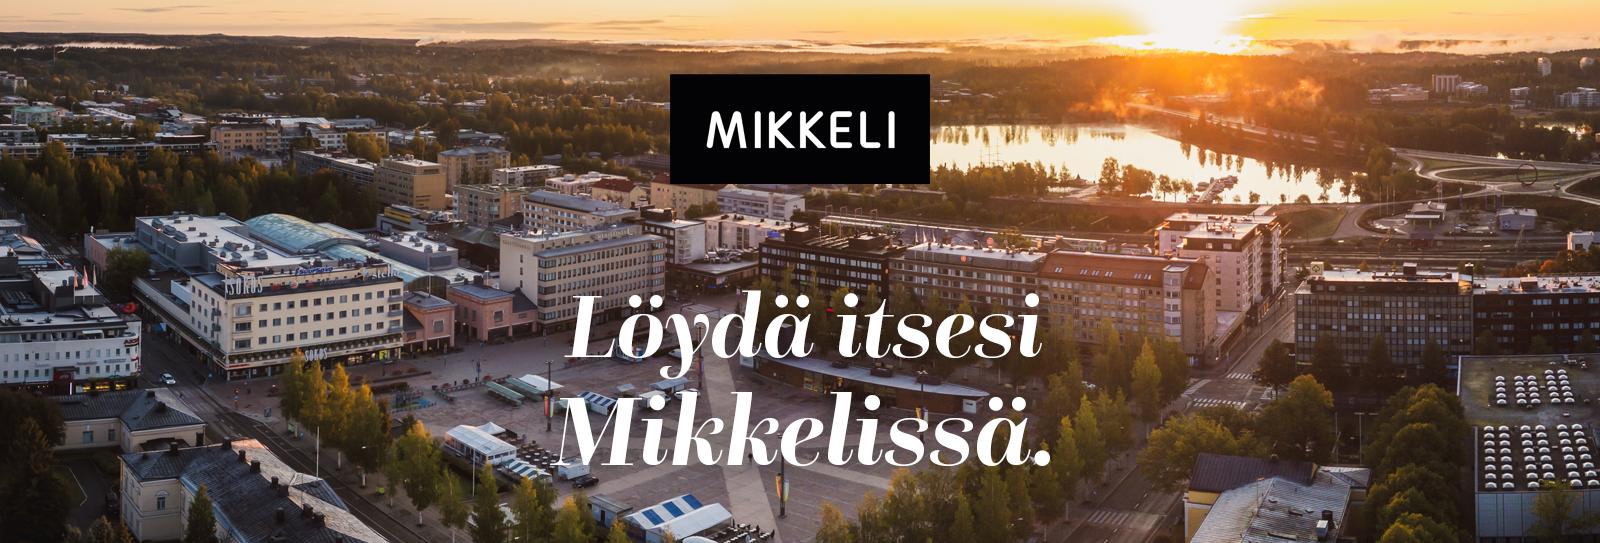 Mikkelin kaupunki logo